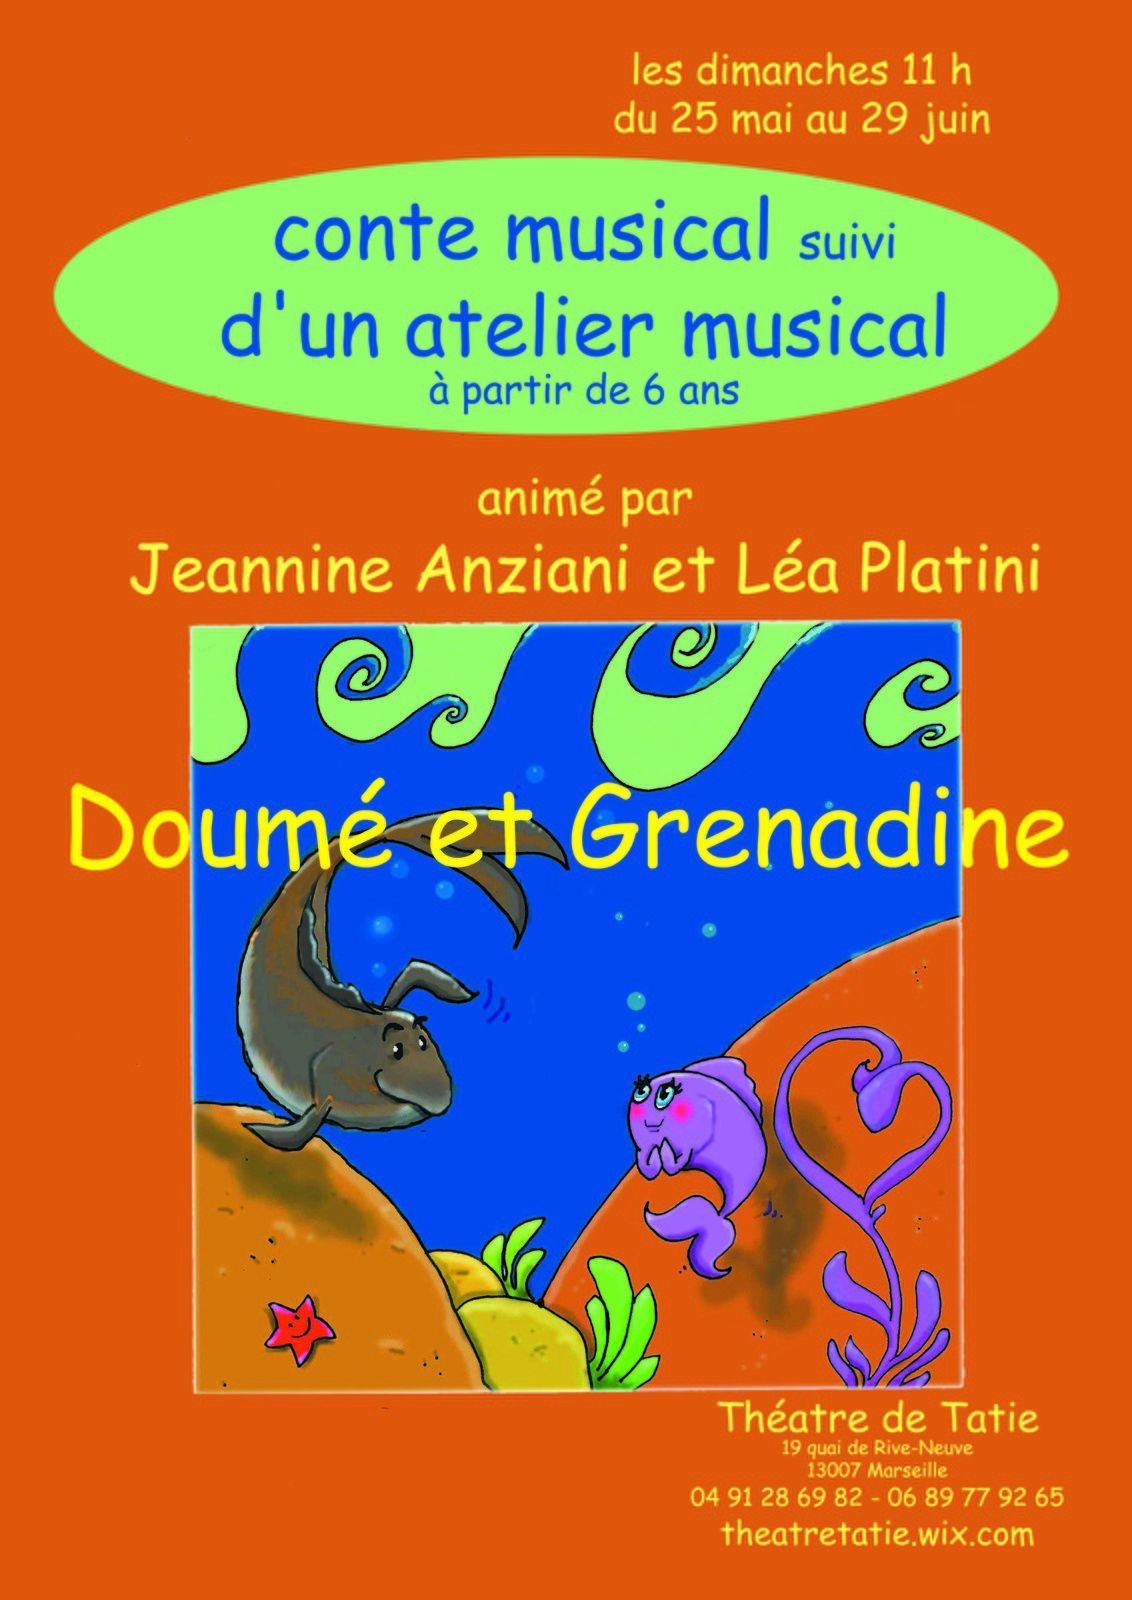 Doumé &amp&#x3B; Grenadine au théâtre de Tatie